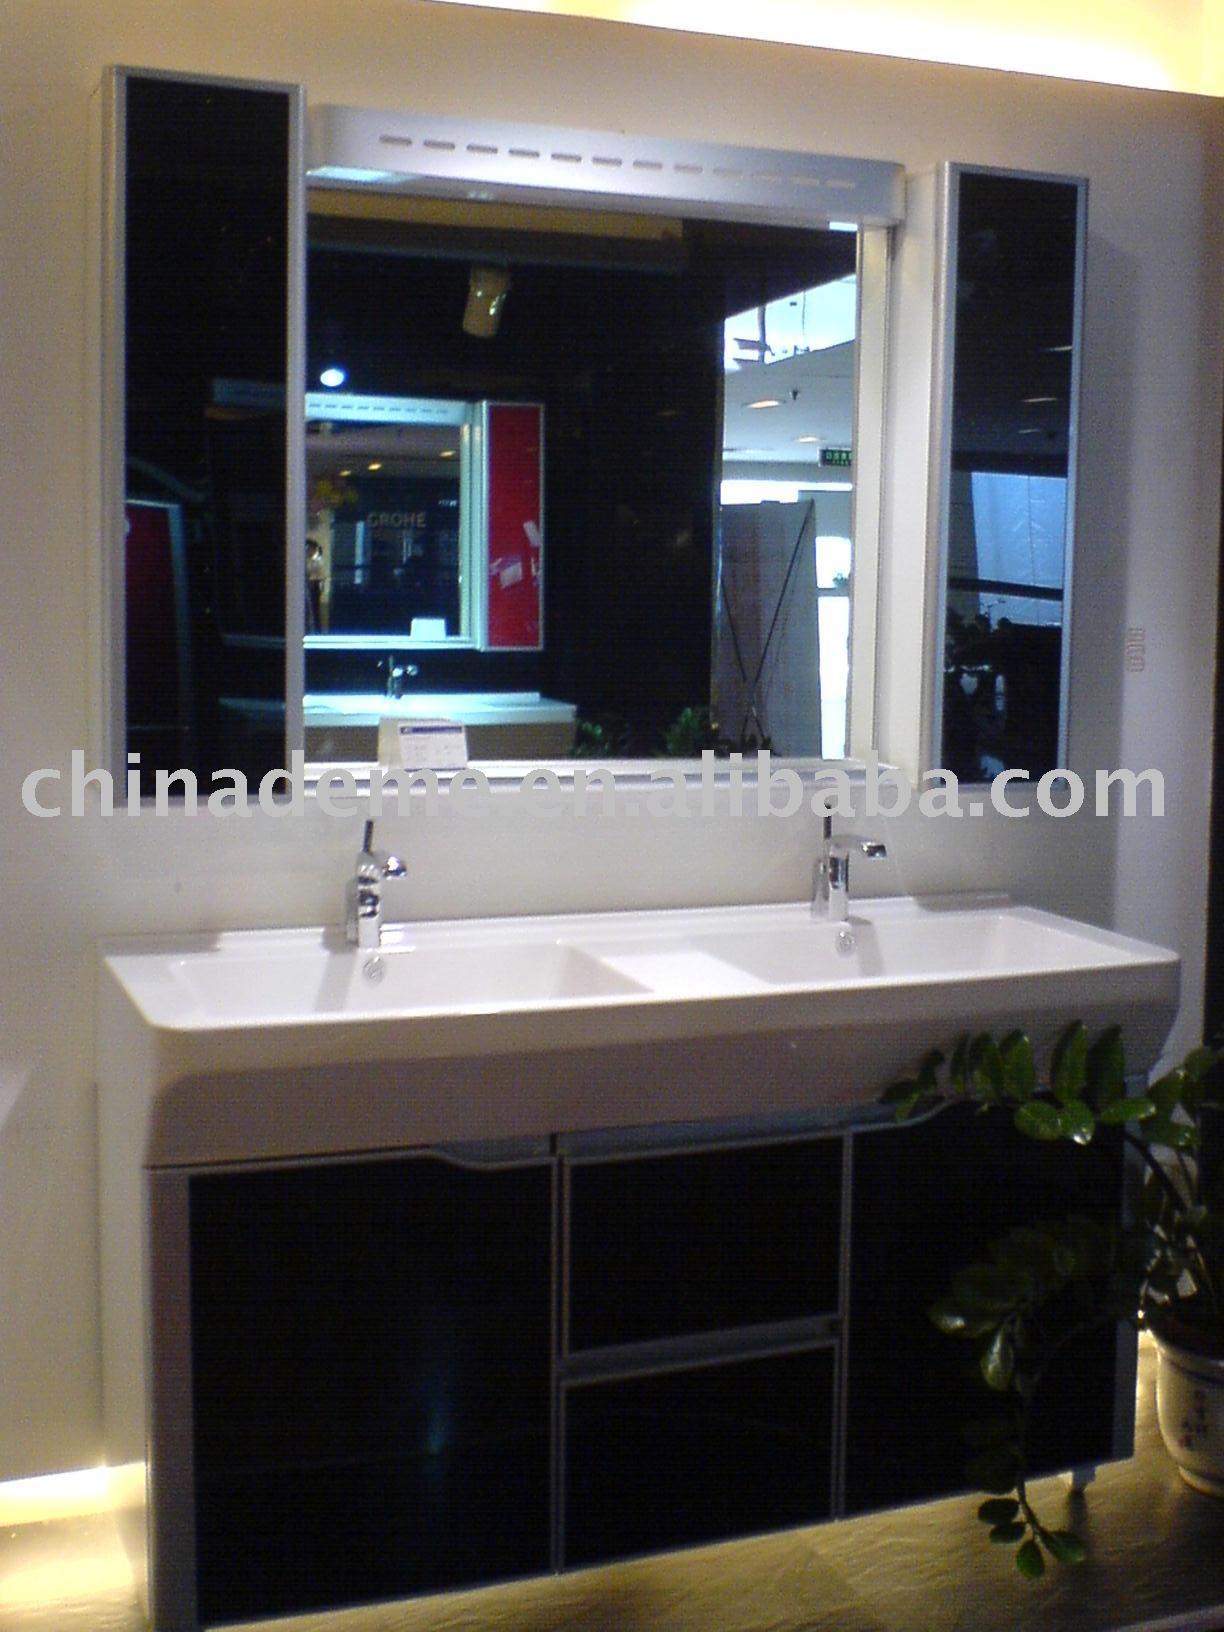 Vender acrílico armário de banheiro DM1400D Toucador em banheiro ID  #397892 1224x1632 Acessorios Para Banheiro Em Acrilico